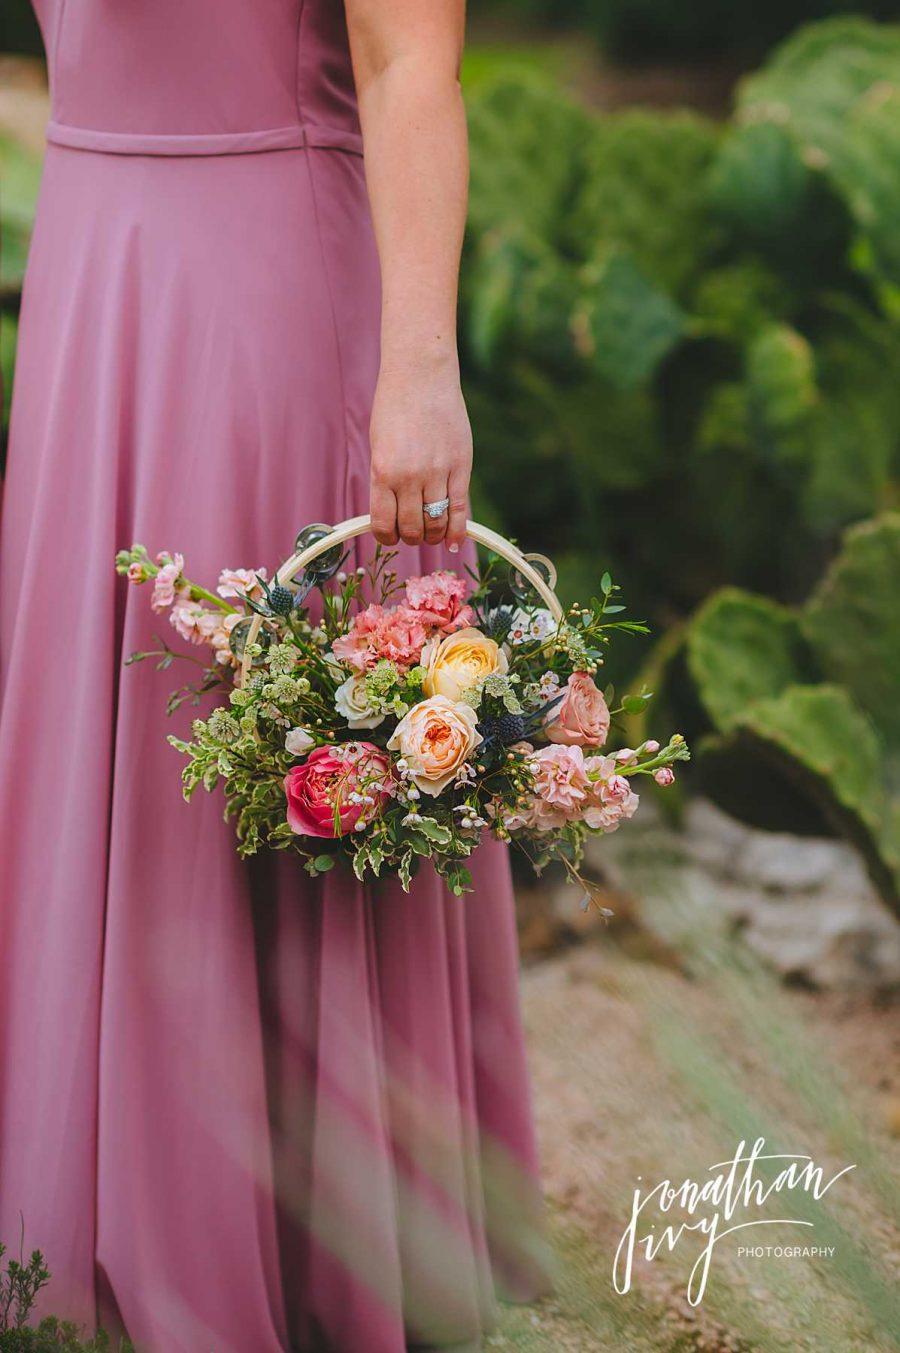 Tamborine Bridal Bouquets